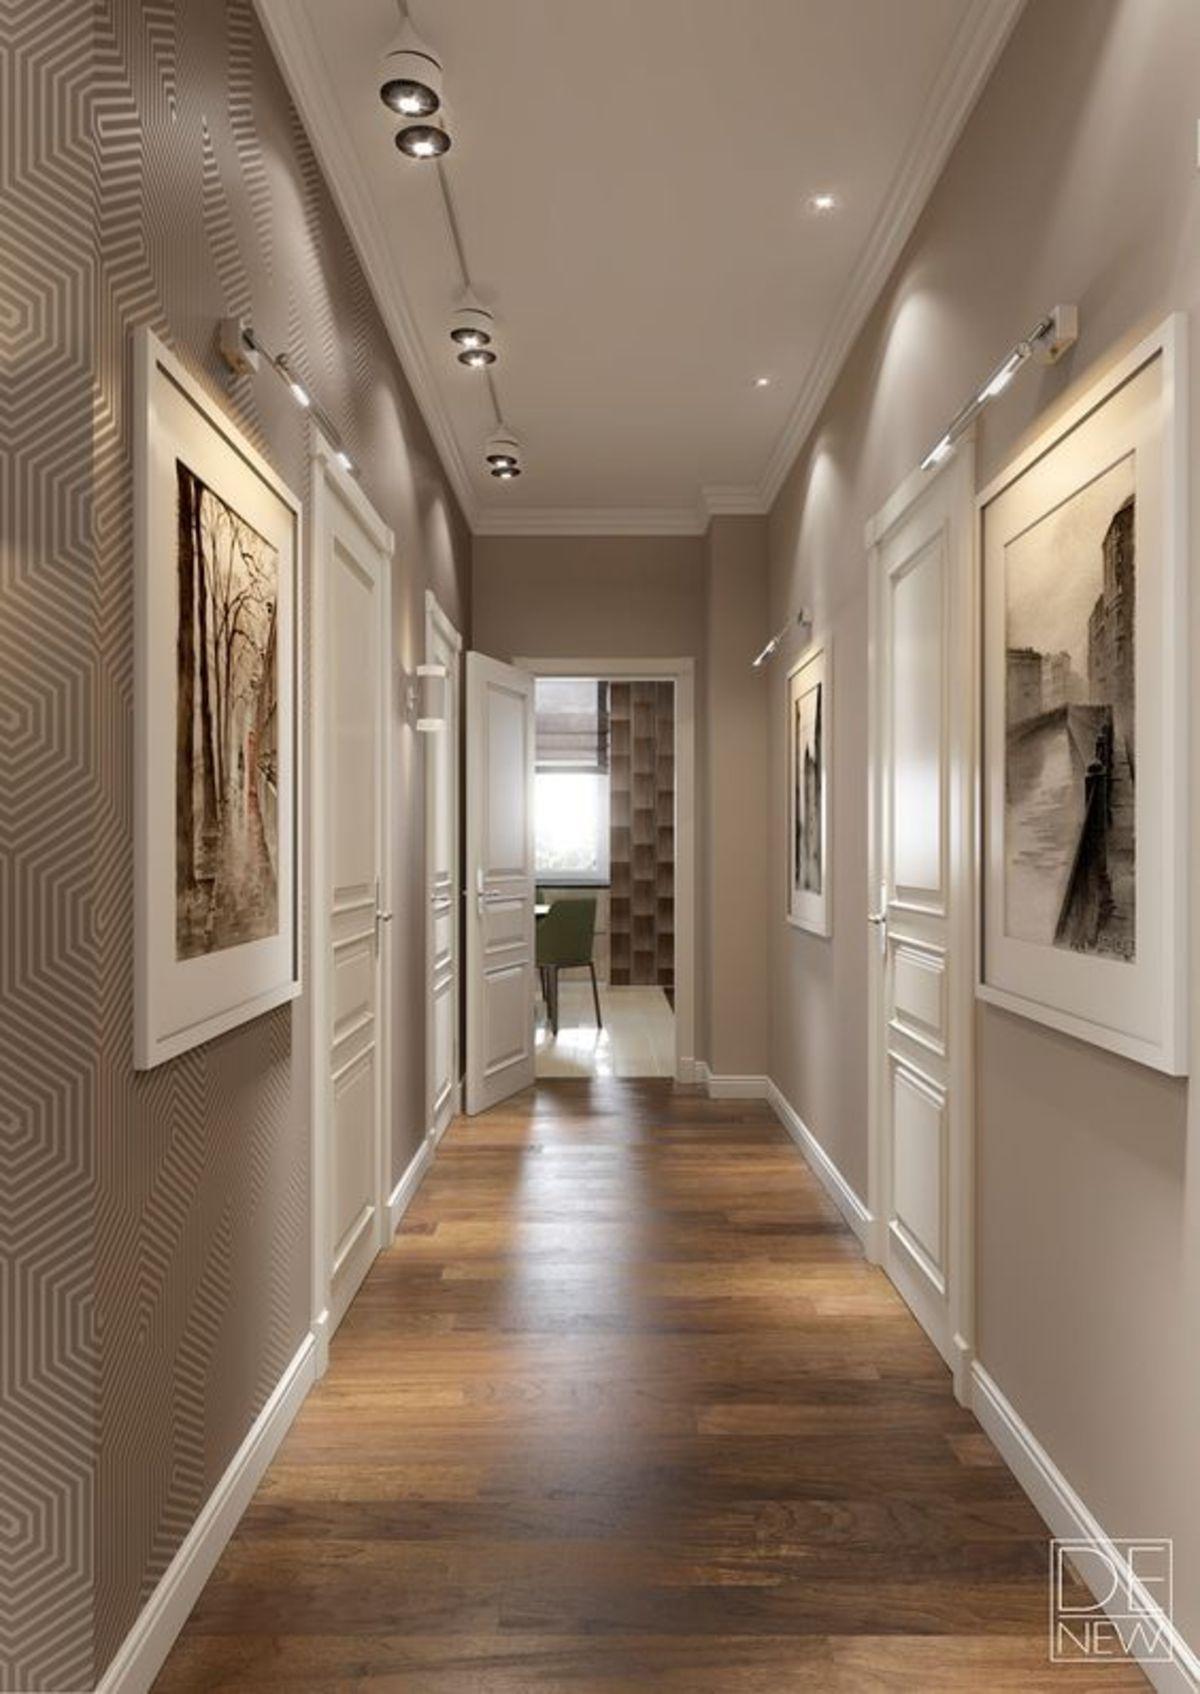 коридор узкий в частном доме фото светлее помещении, тем